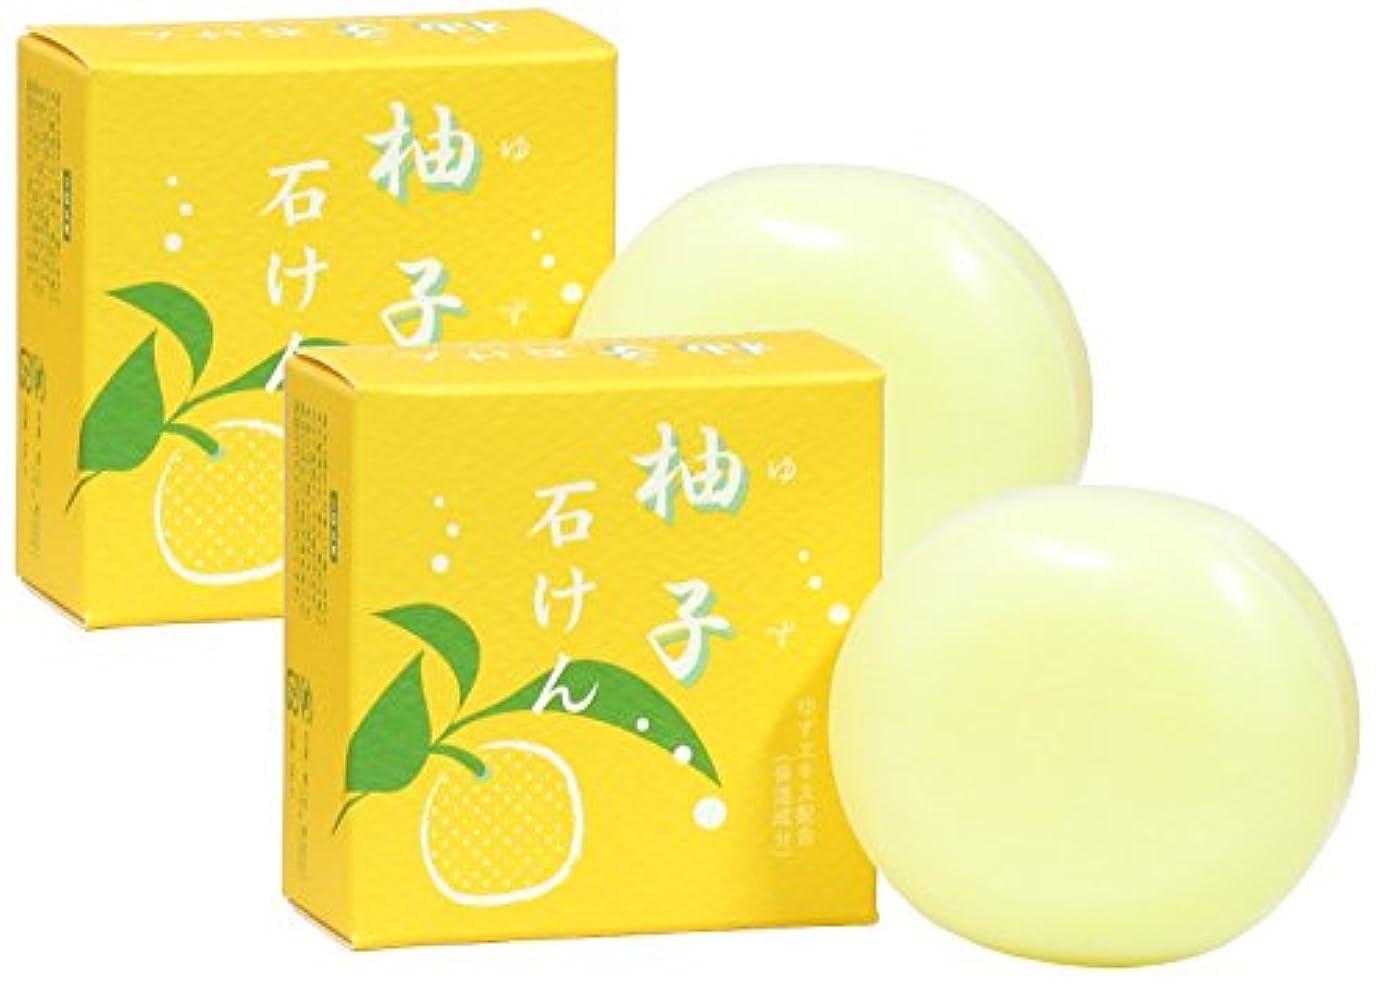 保護プレゼントローブゆず石鹸100g×2個 ユズ 柚子 石けん せっけん セッケン